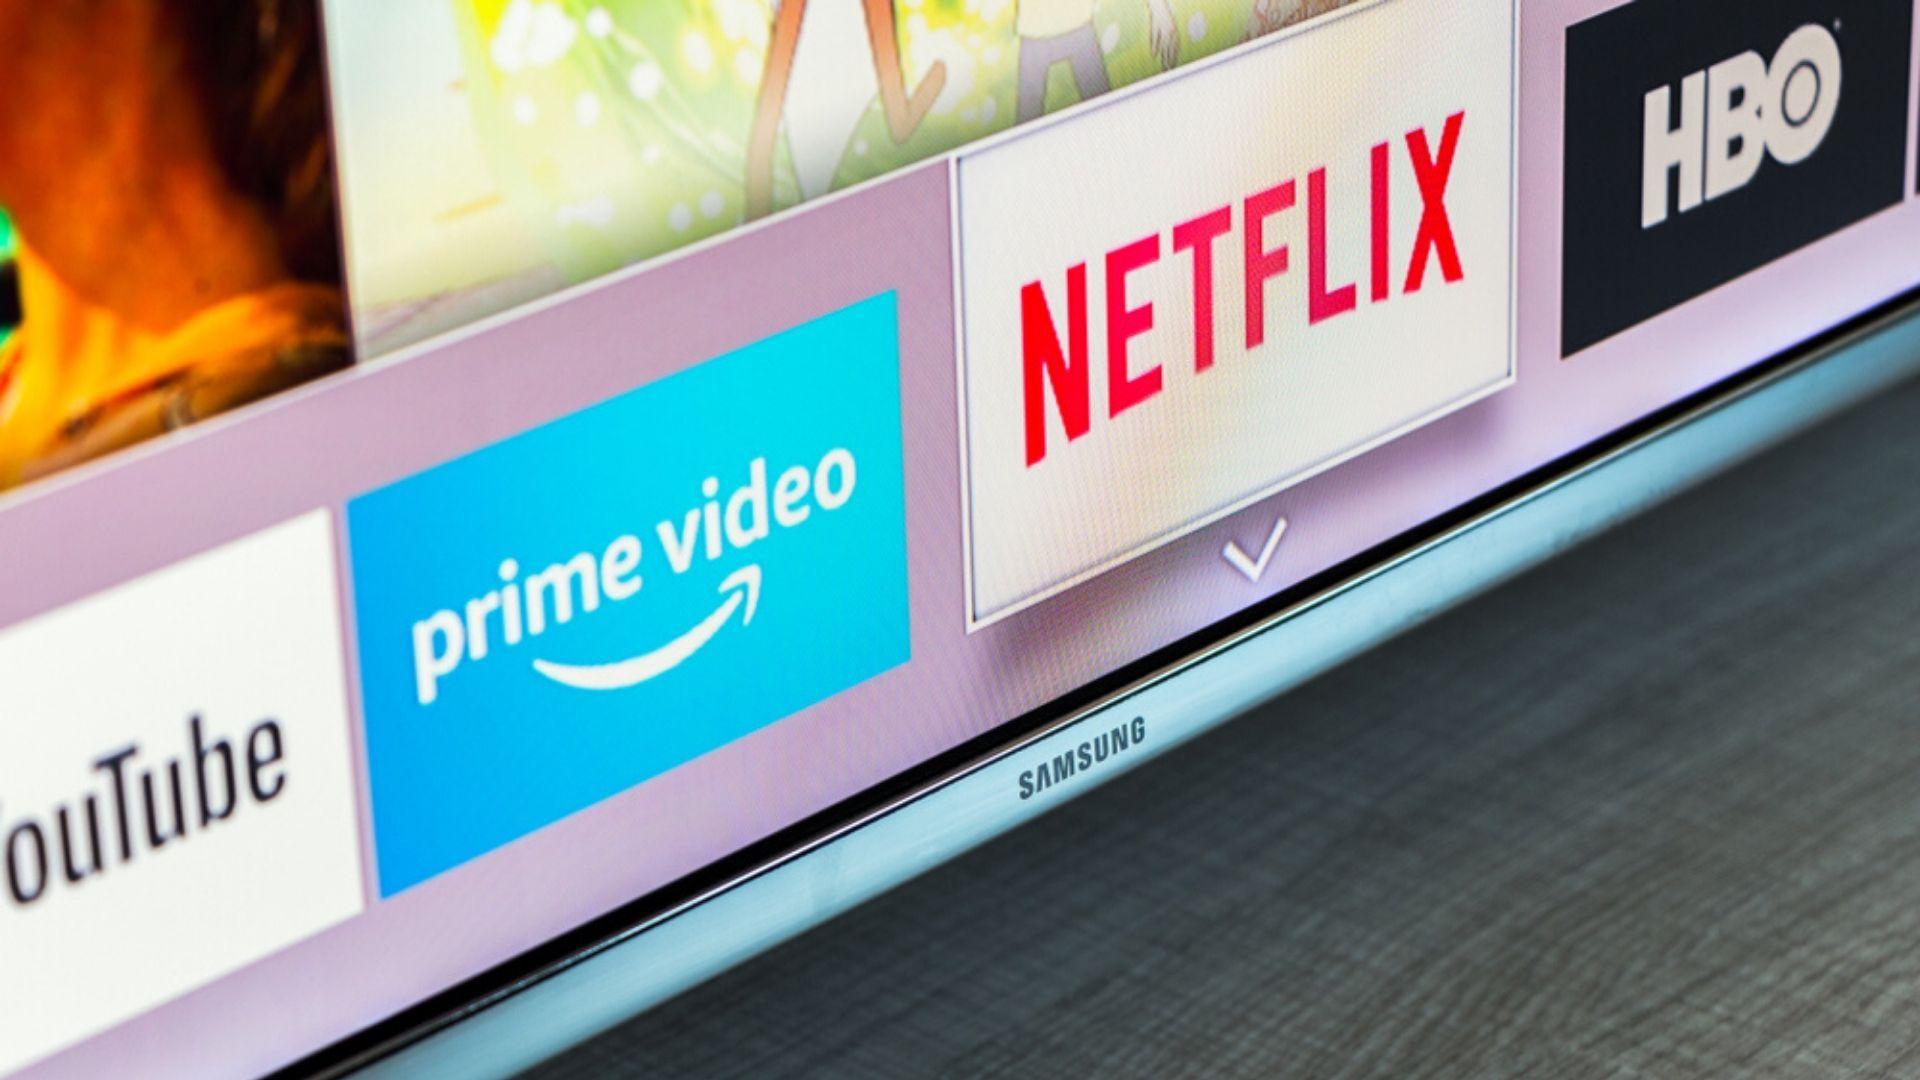 Aprenda: como baixar apps na smart TV Samsung?